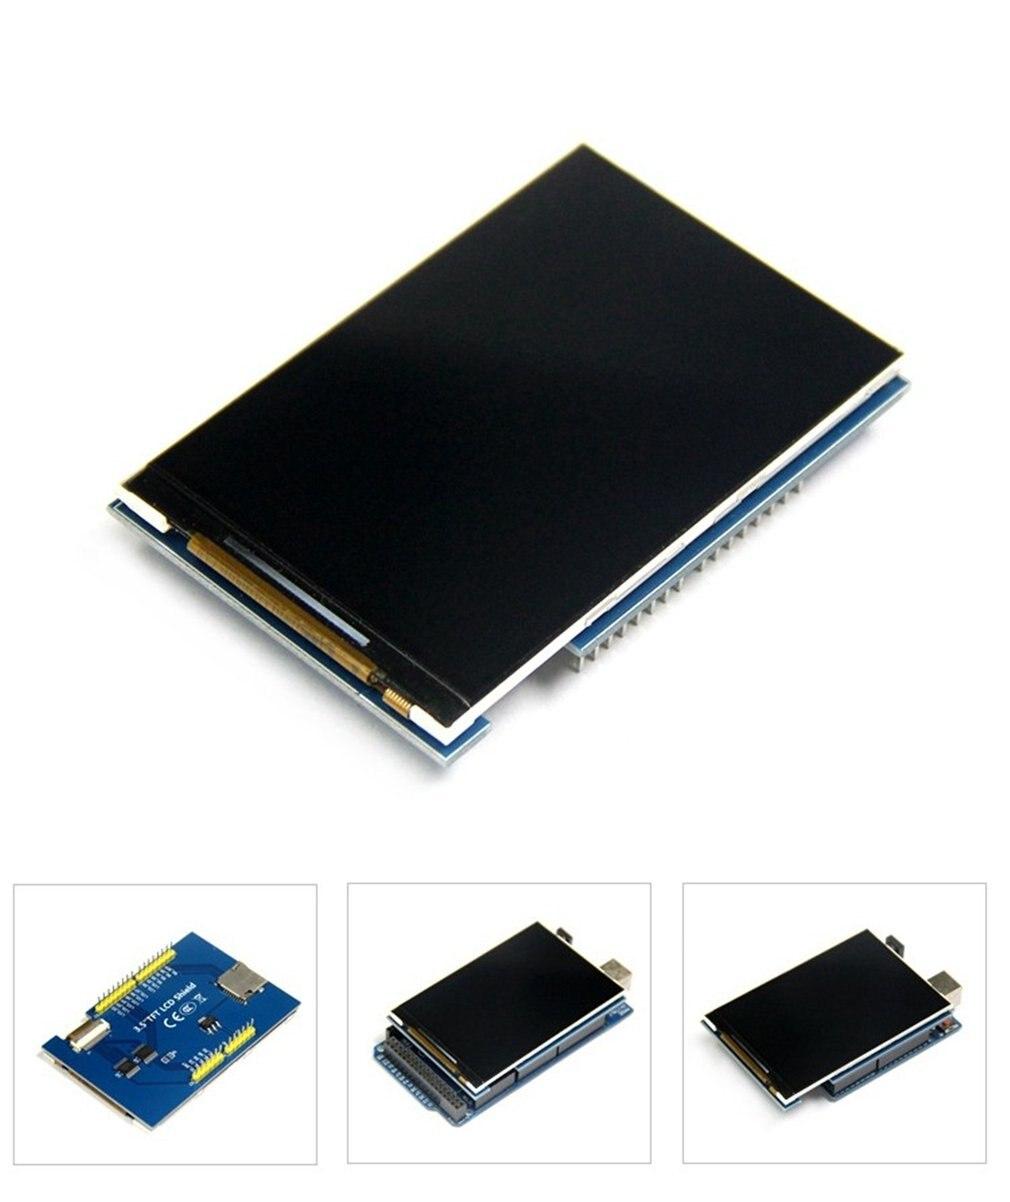 """3.5/"""" TFT LCD 480x320 HD Color Screen Module for Arduino UNO /& MEGA 2560 Board..."""